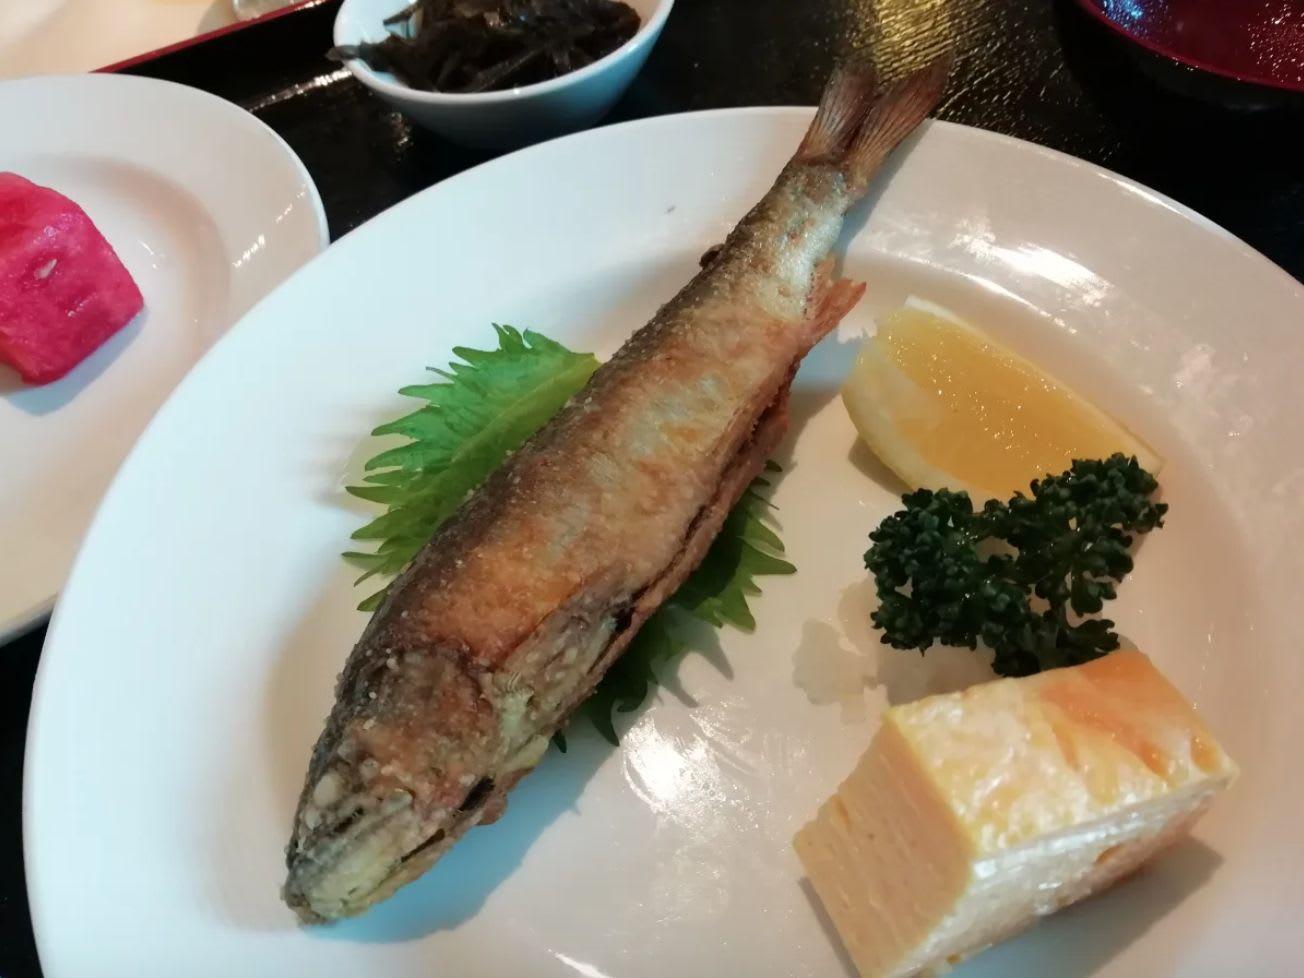 朝食の和定食 [by mr. benuet](https://cruisemans.com/lines/30/photos/dining#trip-photo-46)